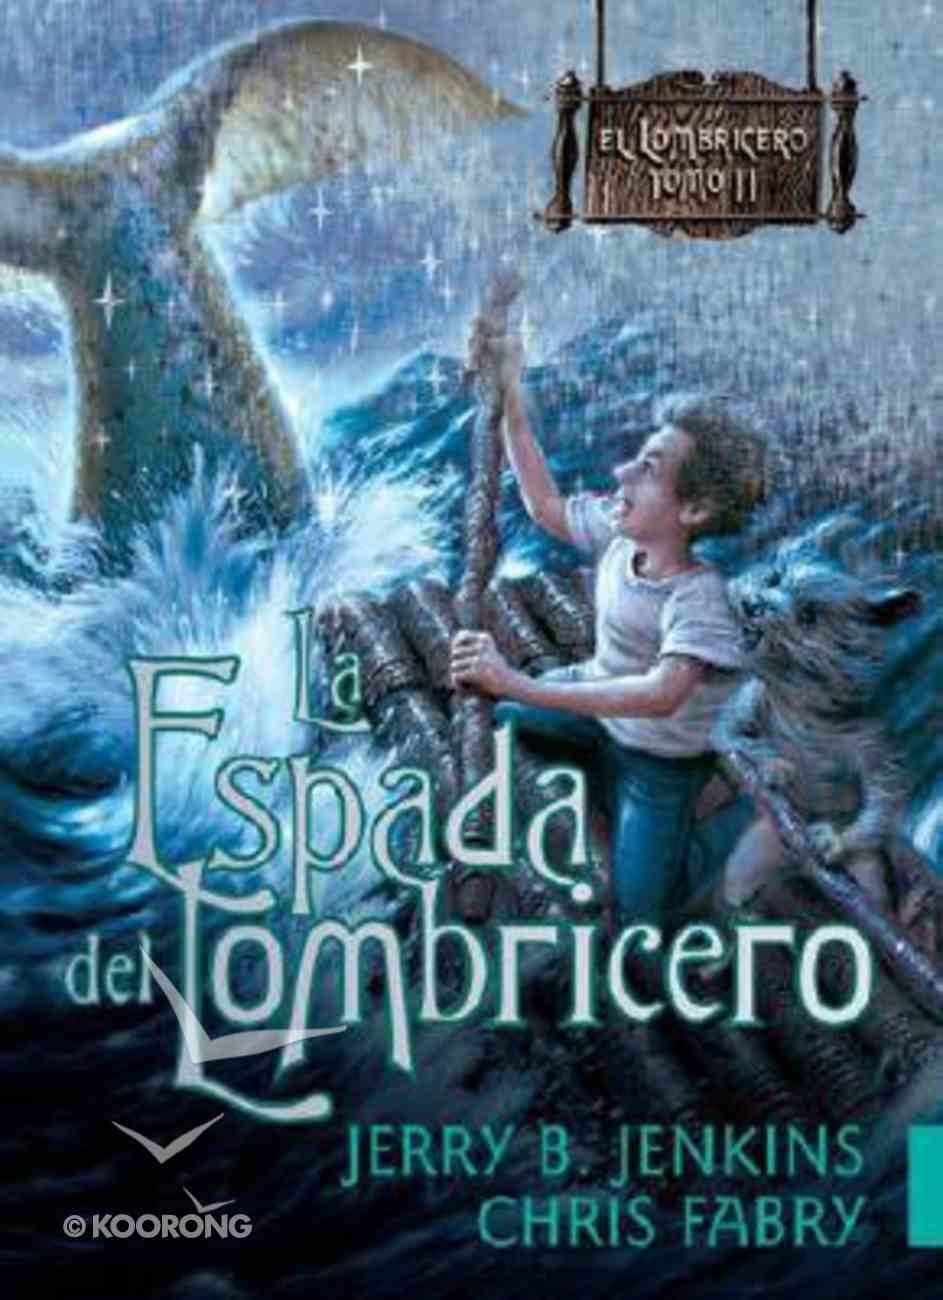 El Lombricero #02: La Espada Del Lombricero (Wormling #02: The Sword of the Wormling) (#02 in The Wormling Series) Paperback